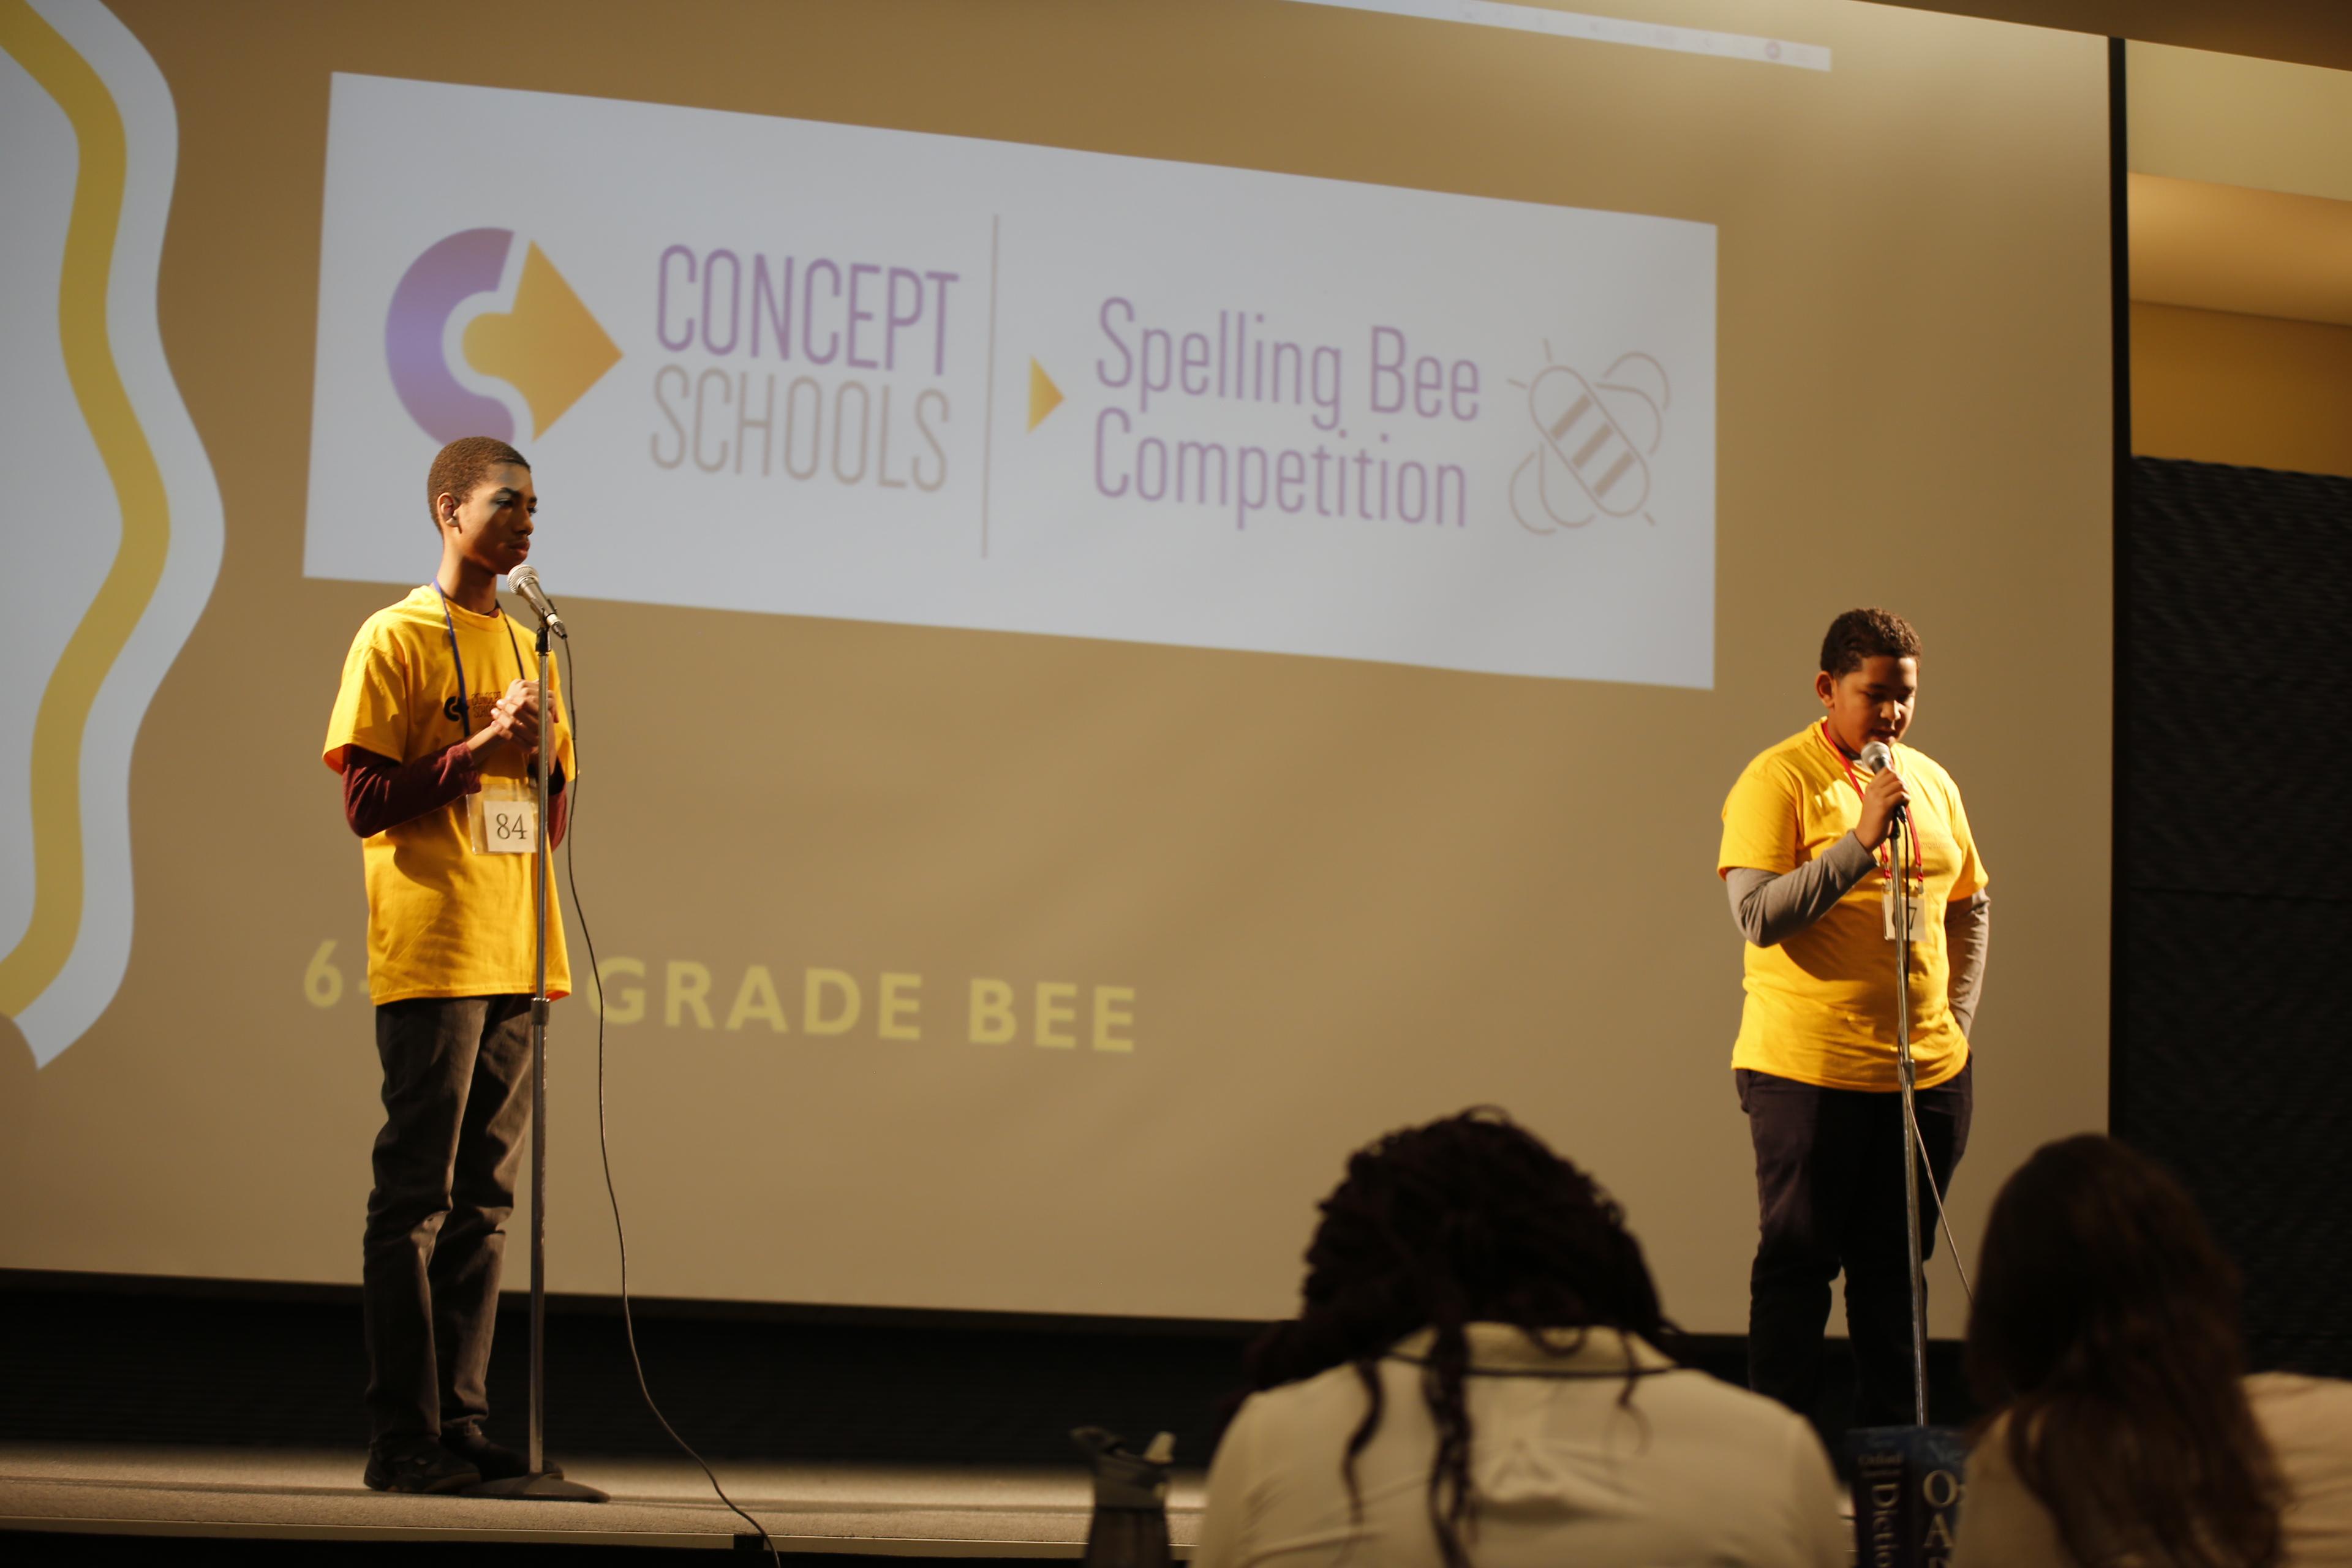 spelling-bee-concept-schools55